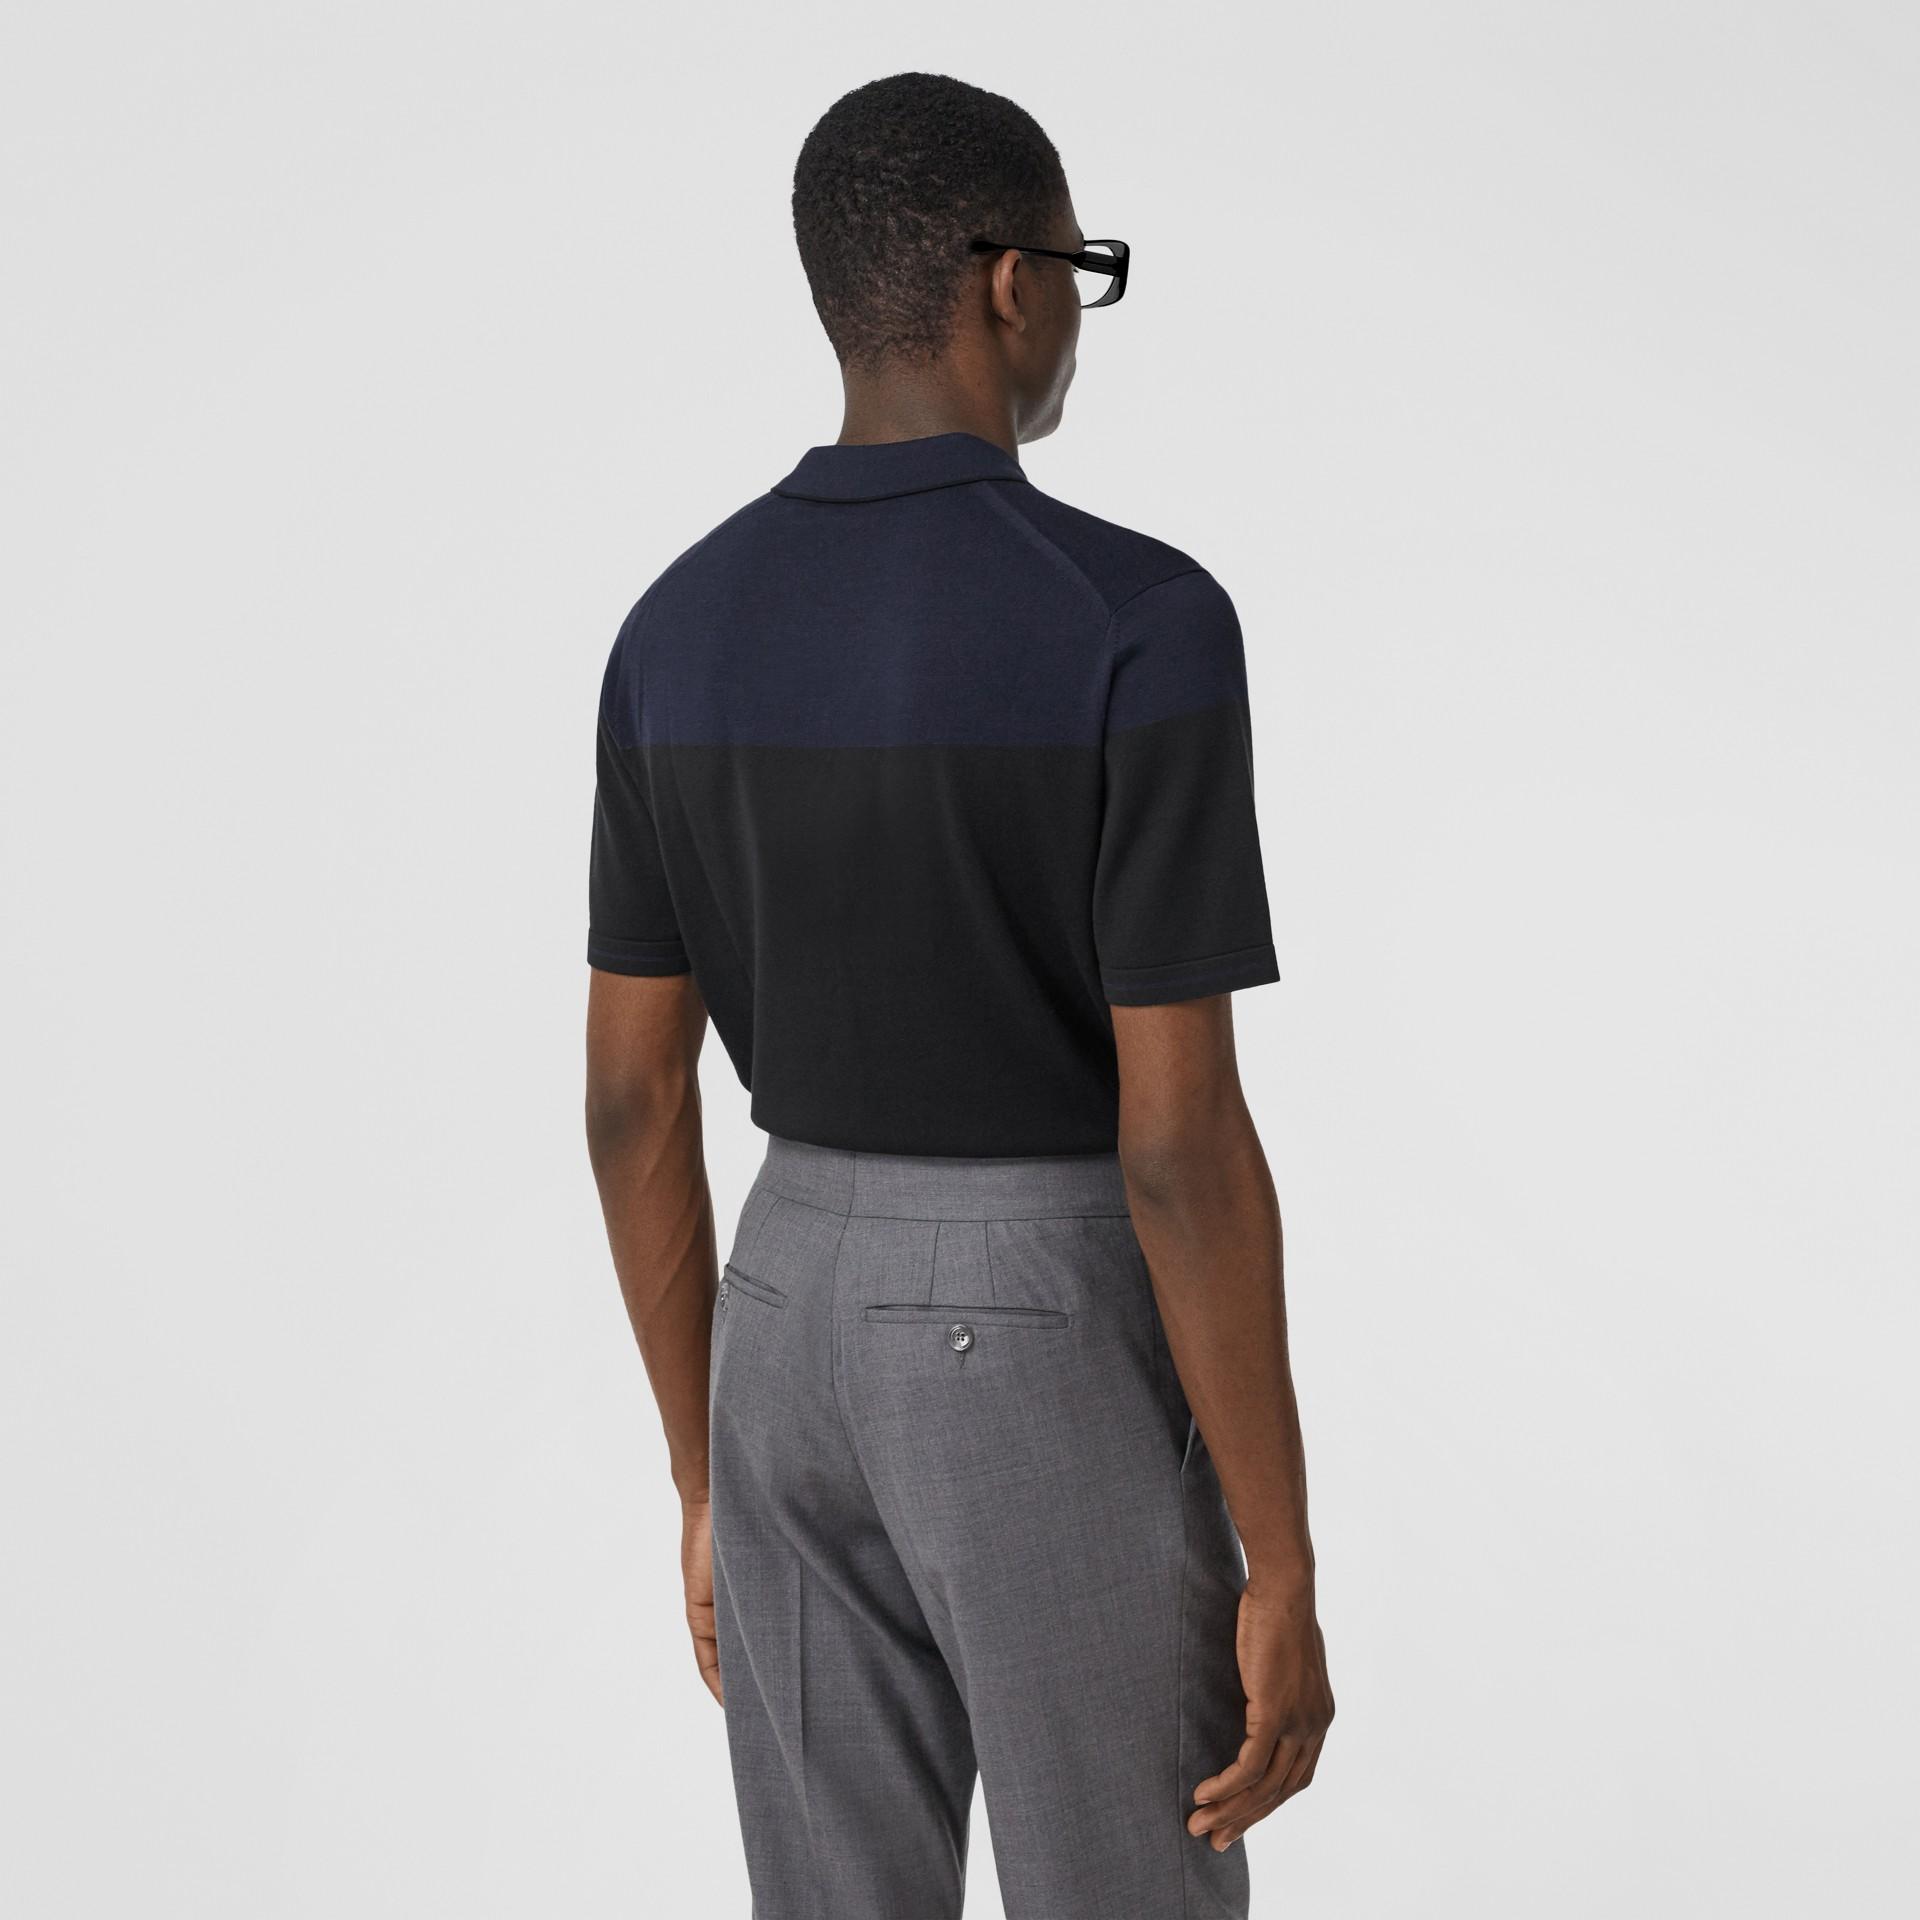 モノグラムモチーフ ツートン シルクカシミア ポロシャツ (ブラック/ネイビー) - メンズ | バーバリー - ギャラリーイメージ 2